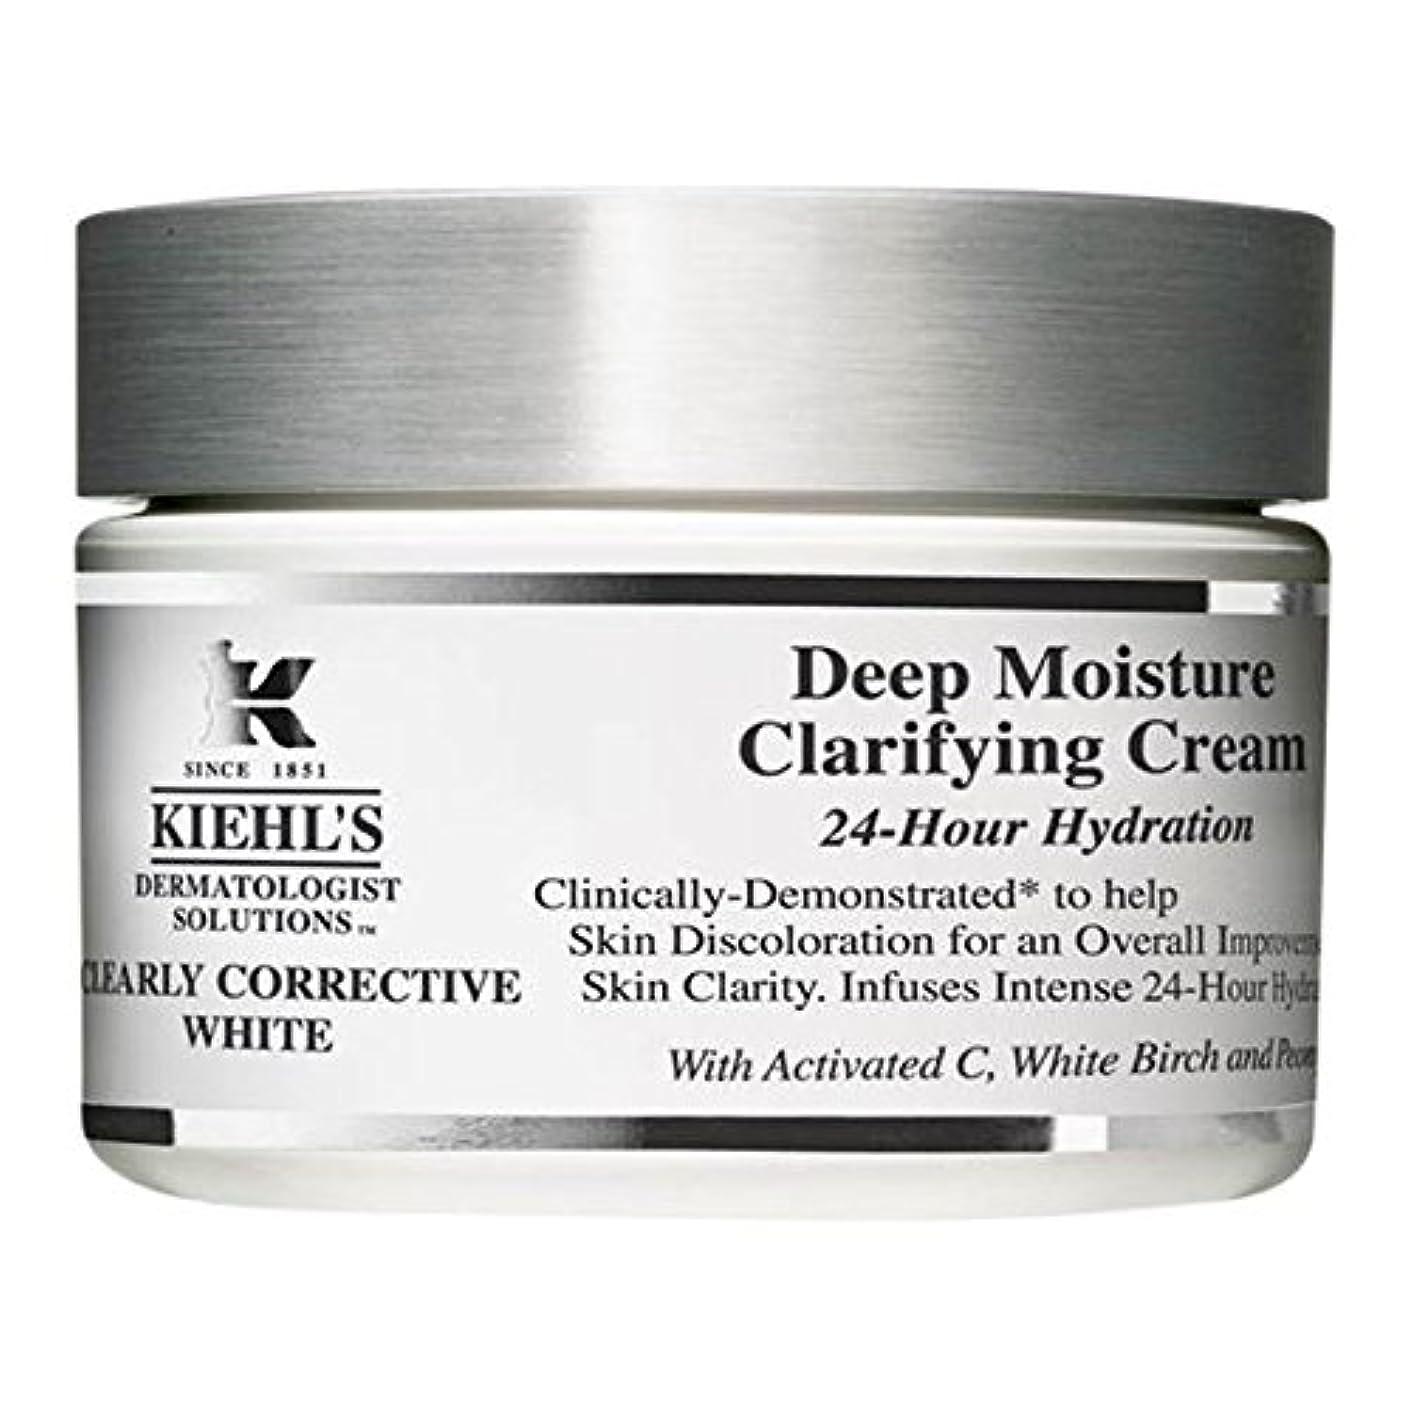 悪い植木トランジスタ[Kiehl's] キールズ明確に是正白深い水分清澄クリーム - Kiehl's Clearly Corrective White Deep Moisture Clarifying Cream [並行輸入品]